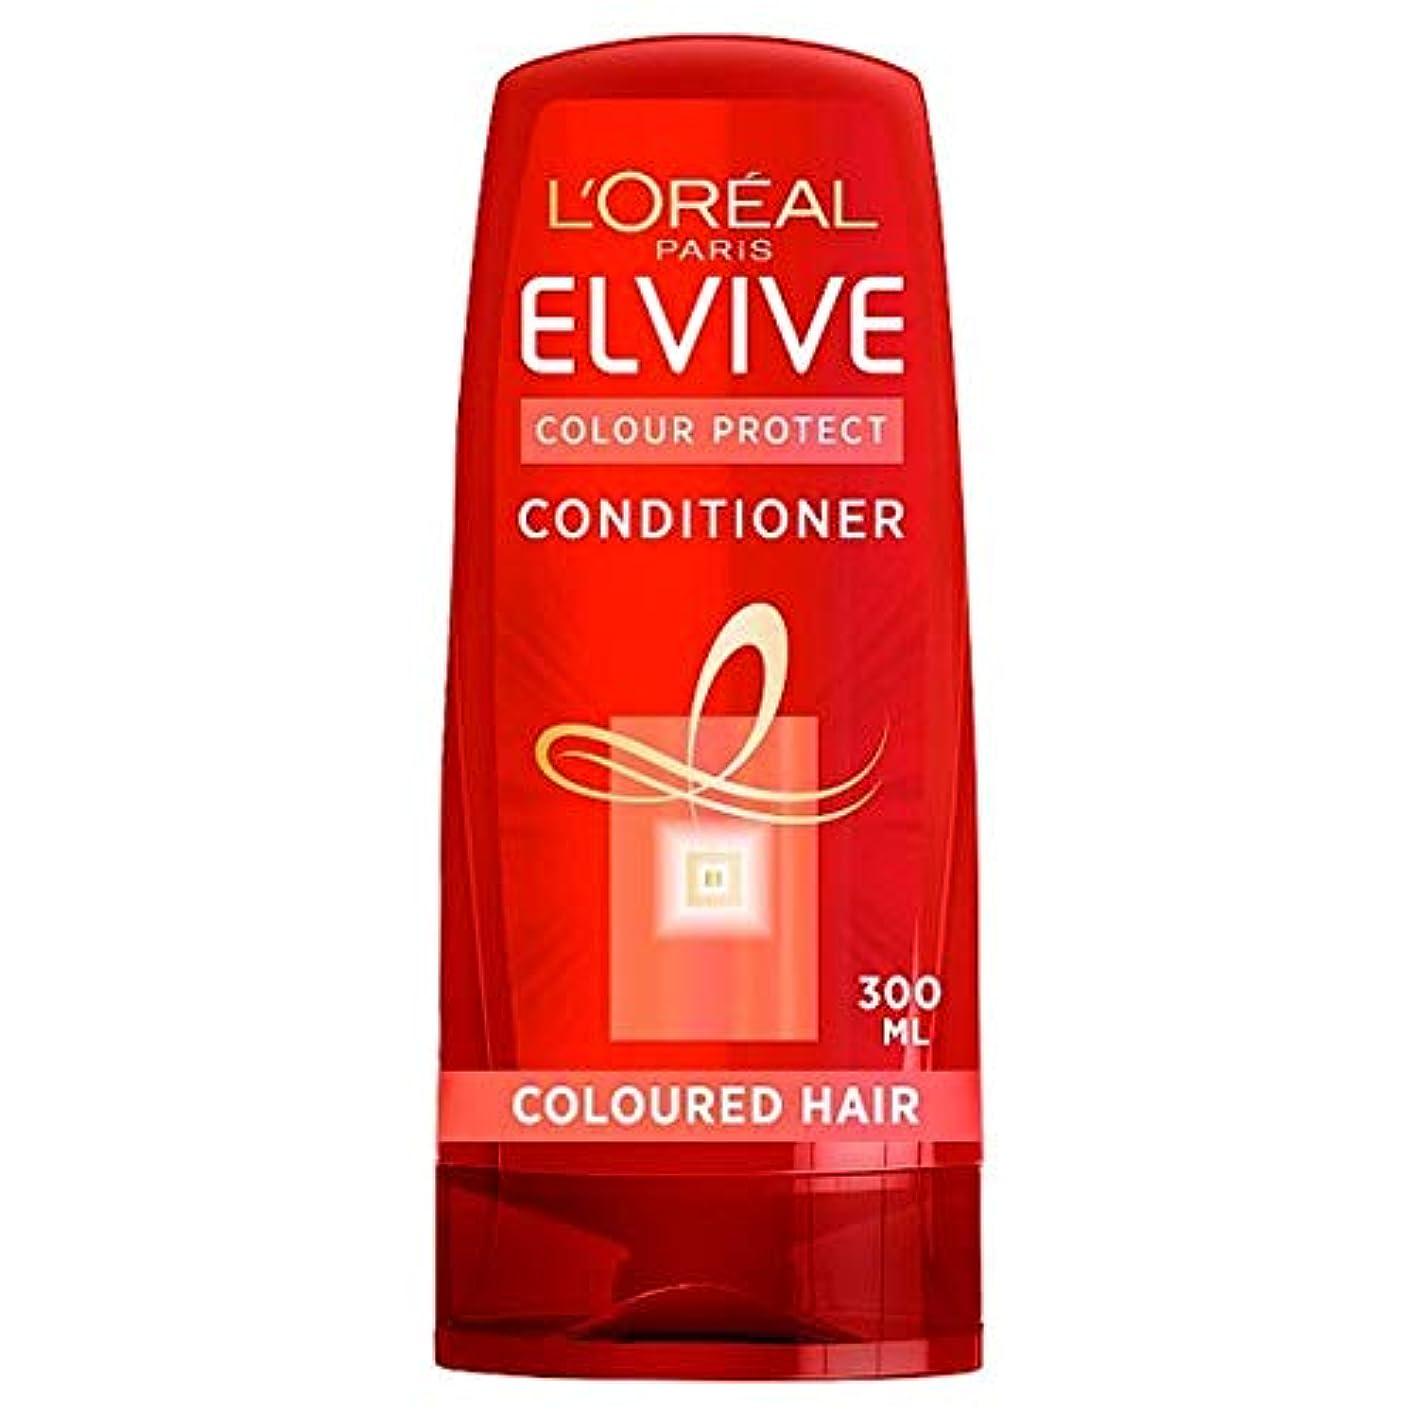 戦術抜け目のないバルーン[Elvive] ロレアルElvive色の保護ヘアコンディショナー300ミリリットル - L'oreal Elvive Coloured Protection Hair Conditioner 300Ml [並行輸入品]